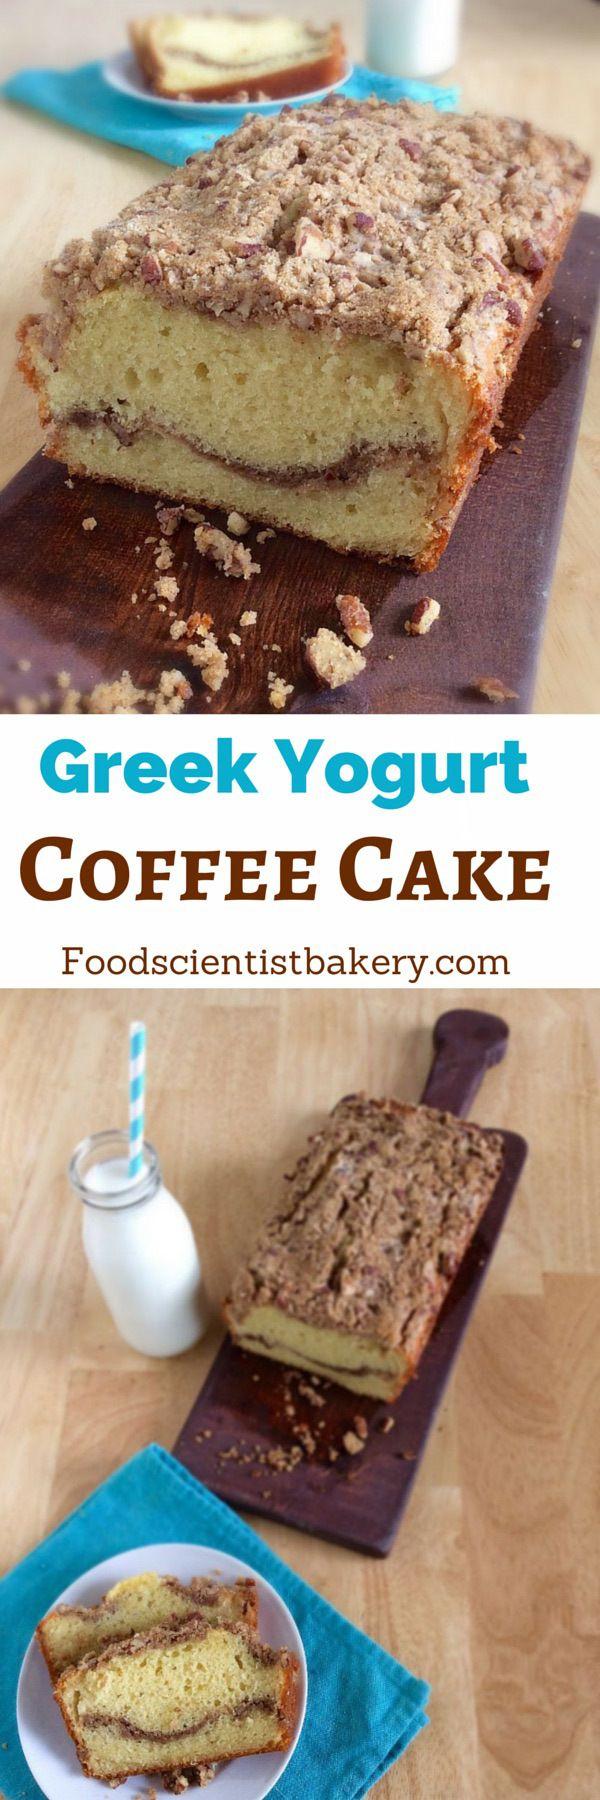 25+ best ideas about Greek Yogurt Cake on Pinterest ...